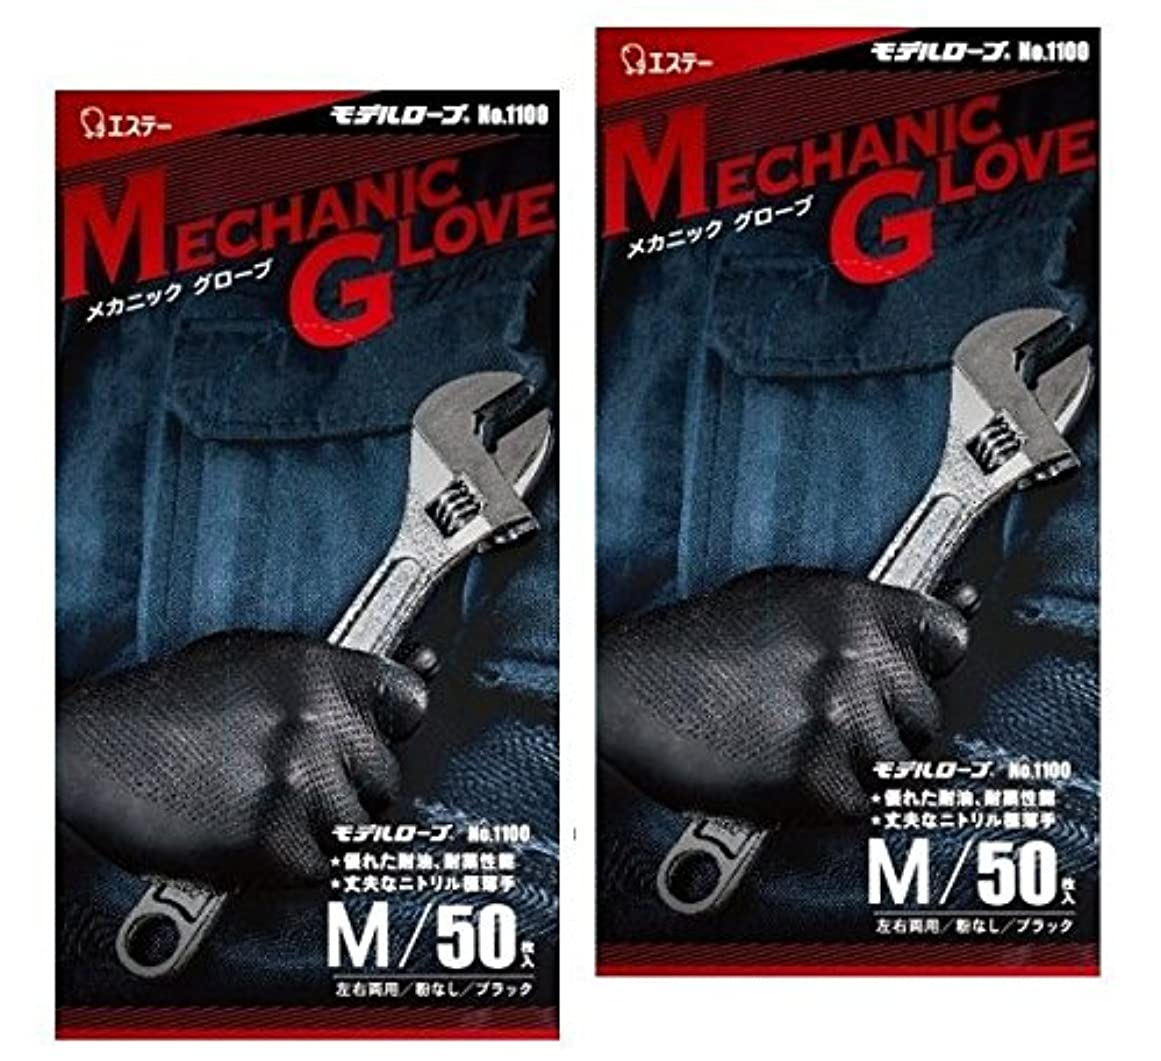 普遍的な悪党回転させる【2箱組】モデルローブ No.1100 メカニックグローブ Mサイズ ブラック 50枚